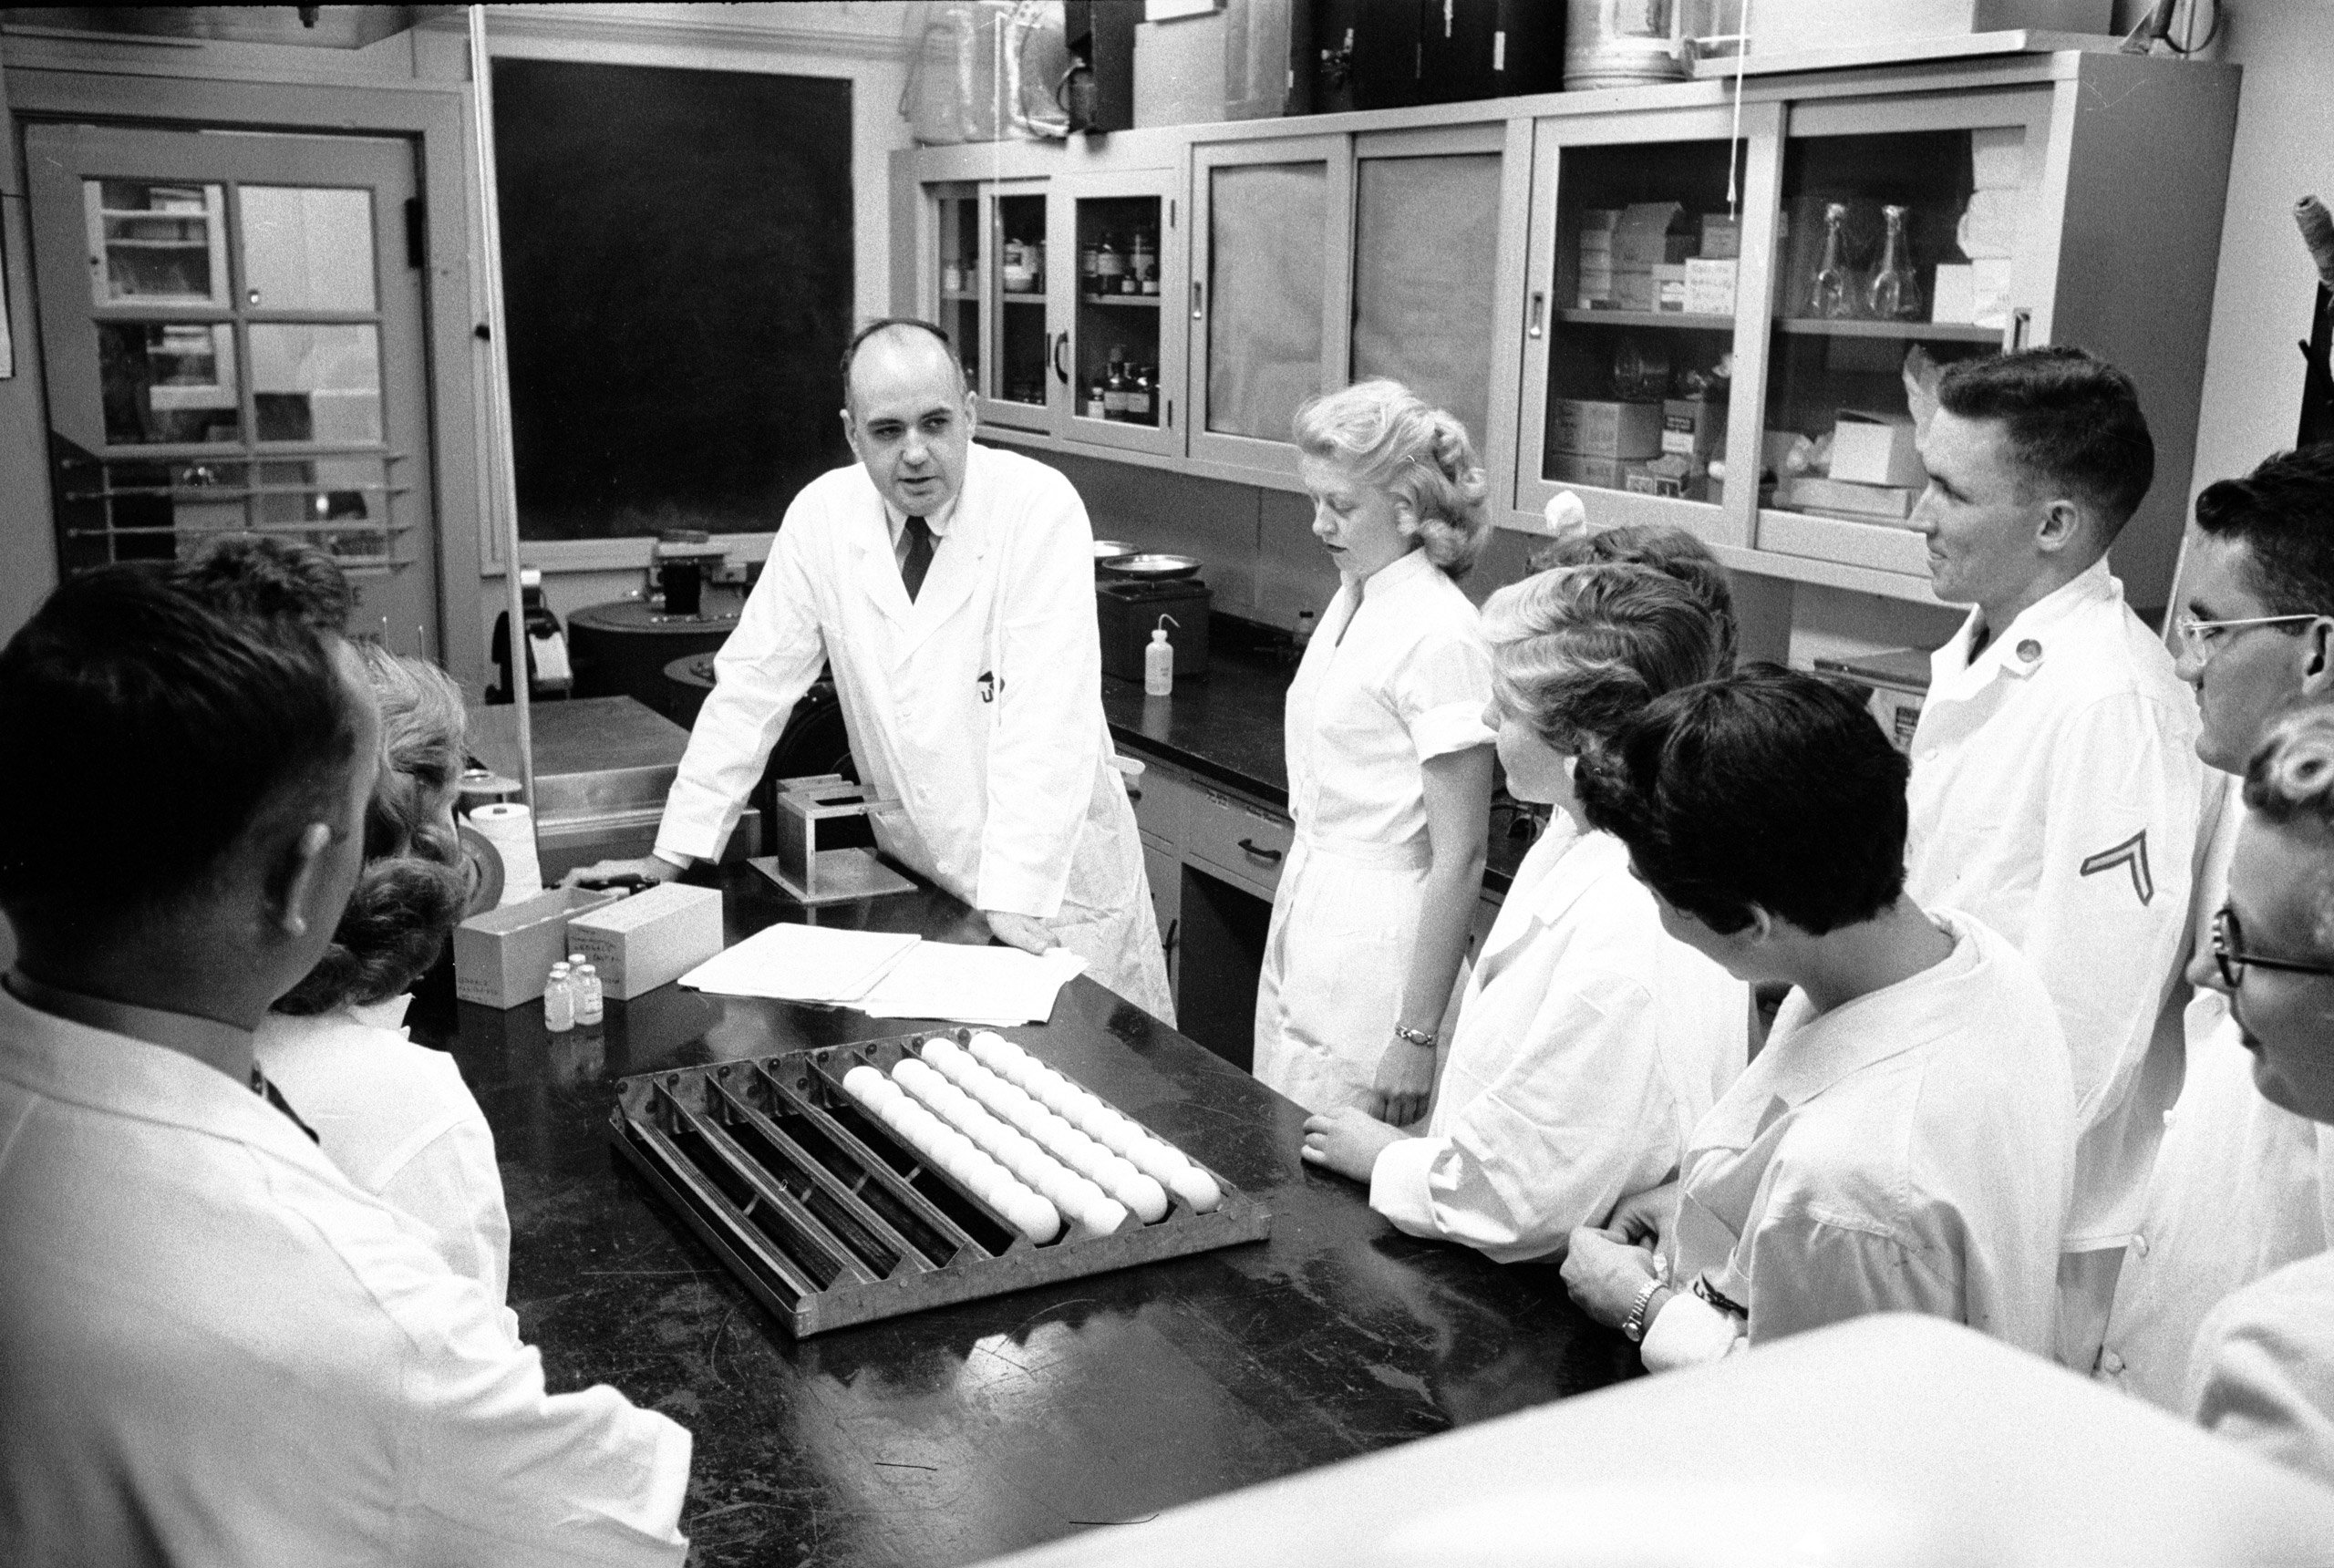 Maurice Hilleman (đứng giữa) là người có công rất lớn trong việc phát triển vaccine sởi. Ảnh: Time Magazine